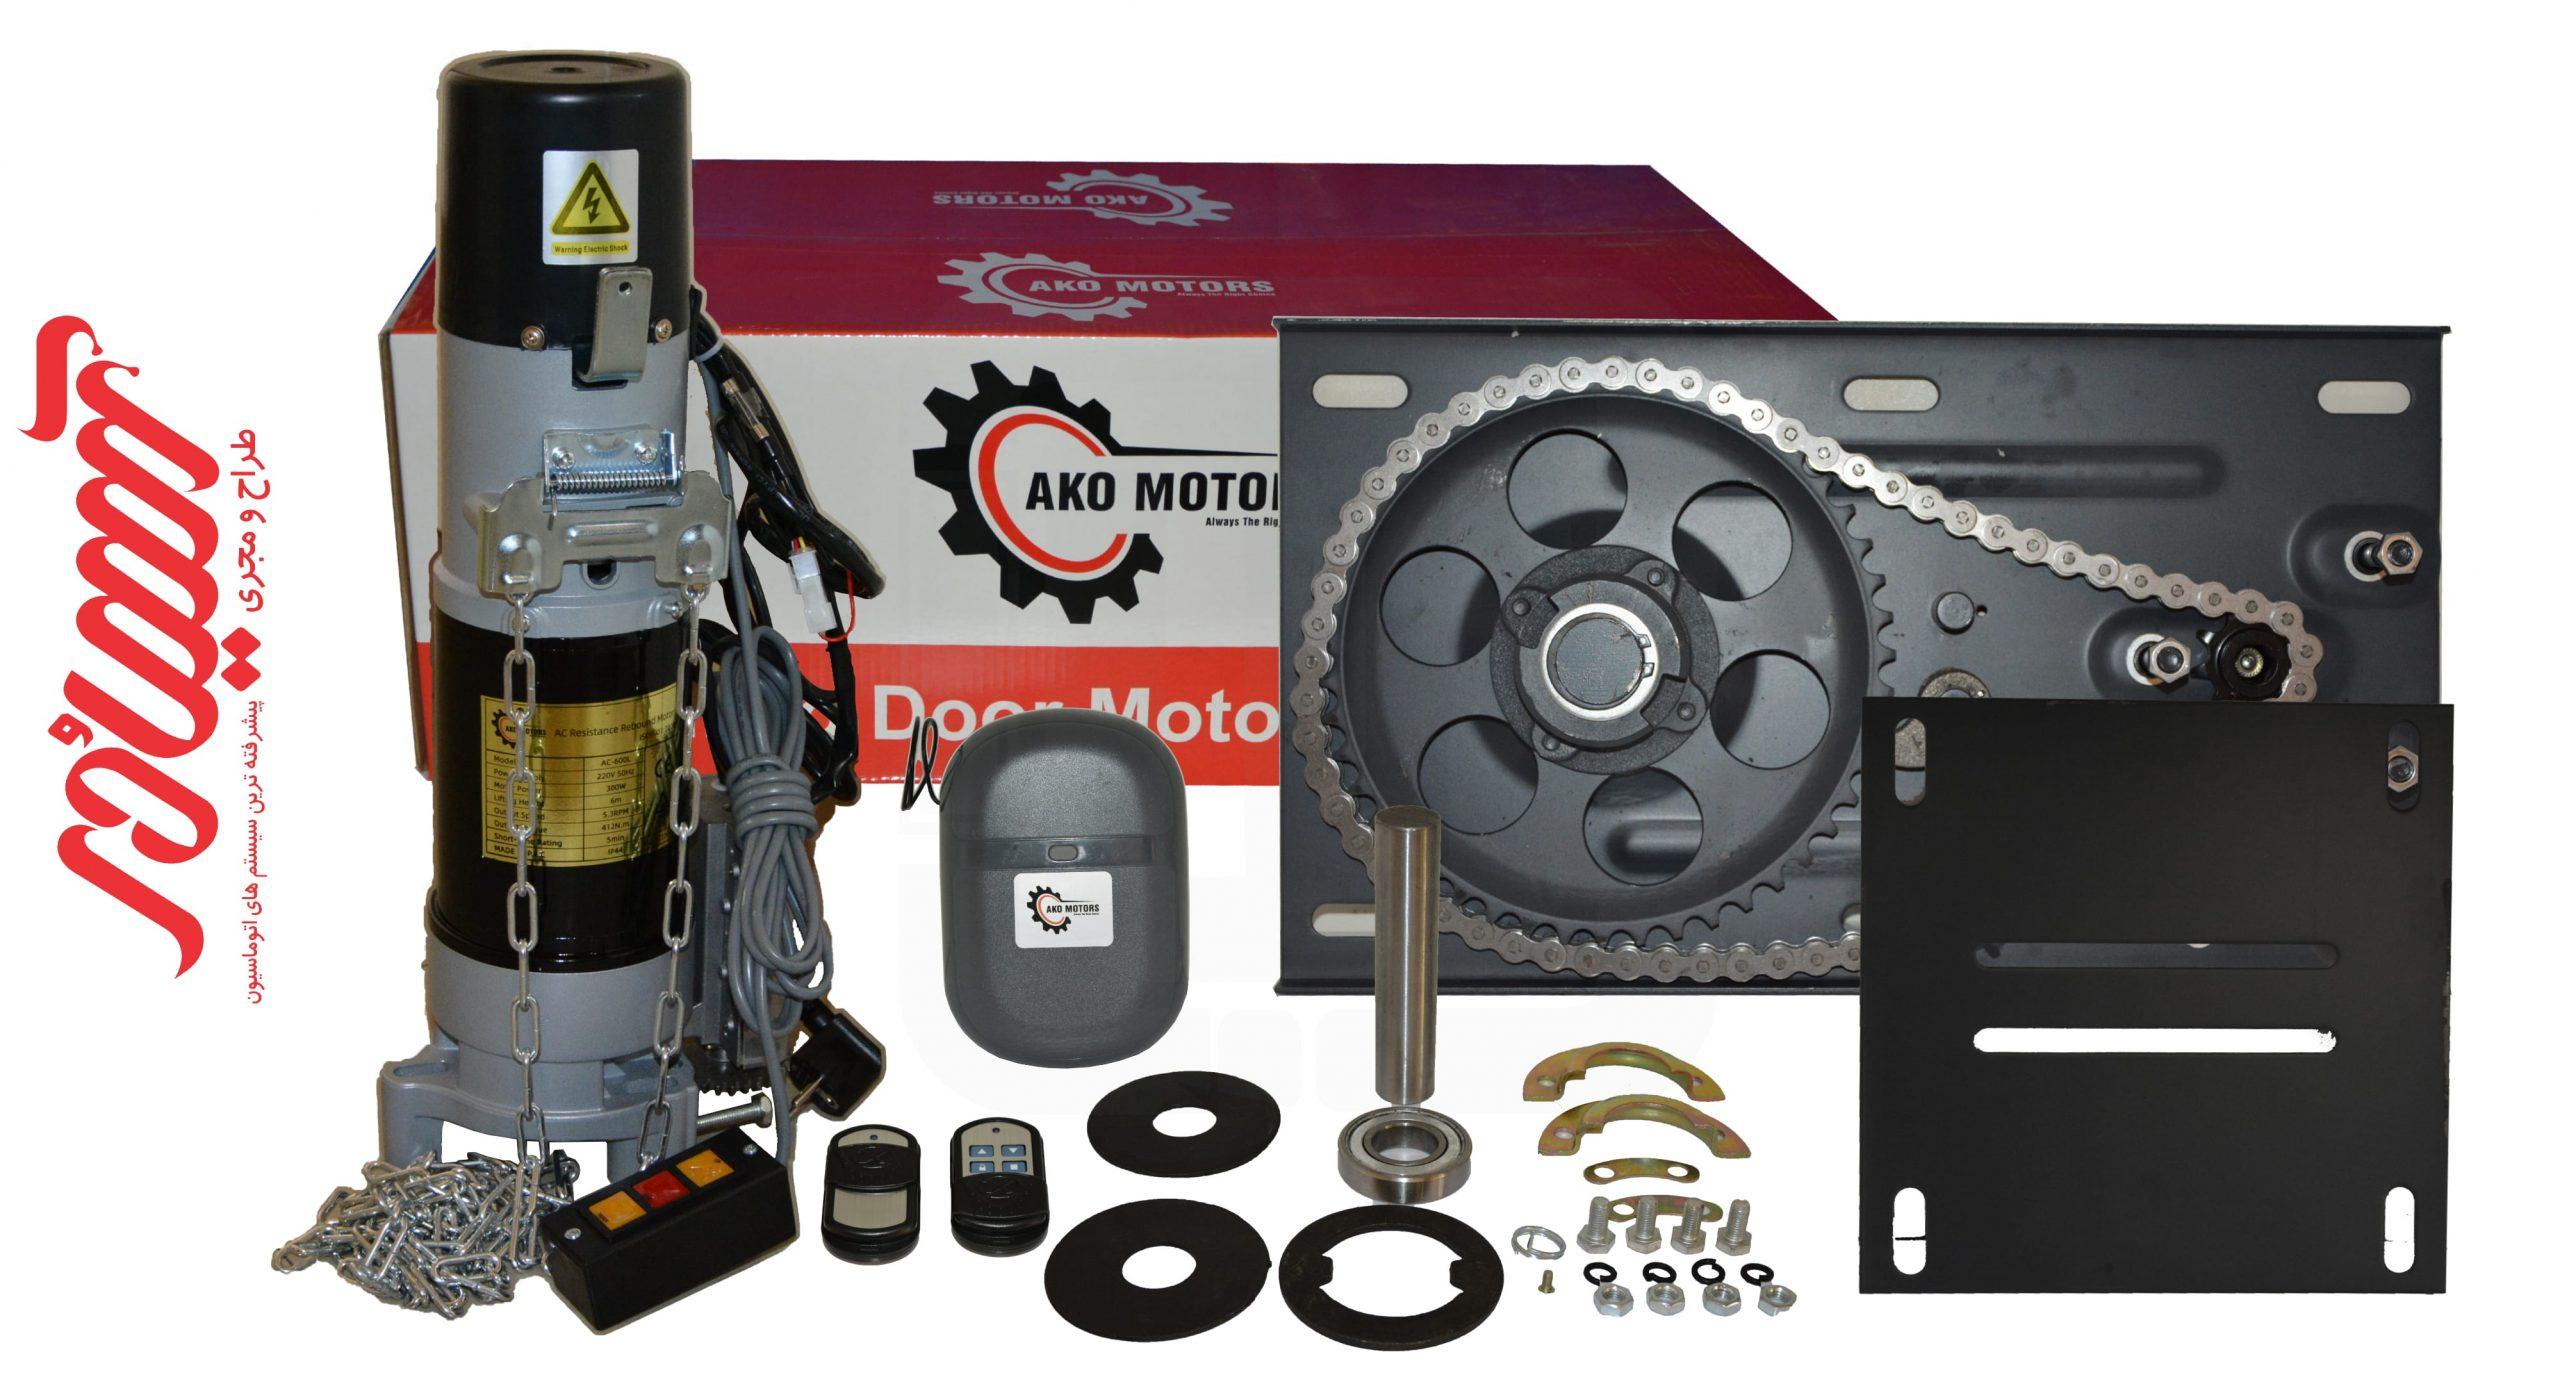 موتور ساید کرکره برقی آکو مدل AKO 600 AC